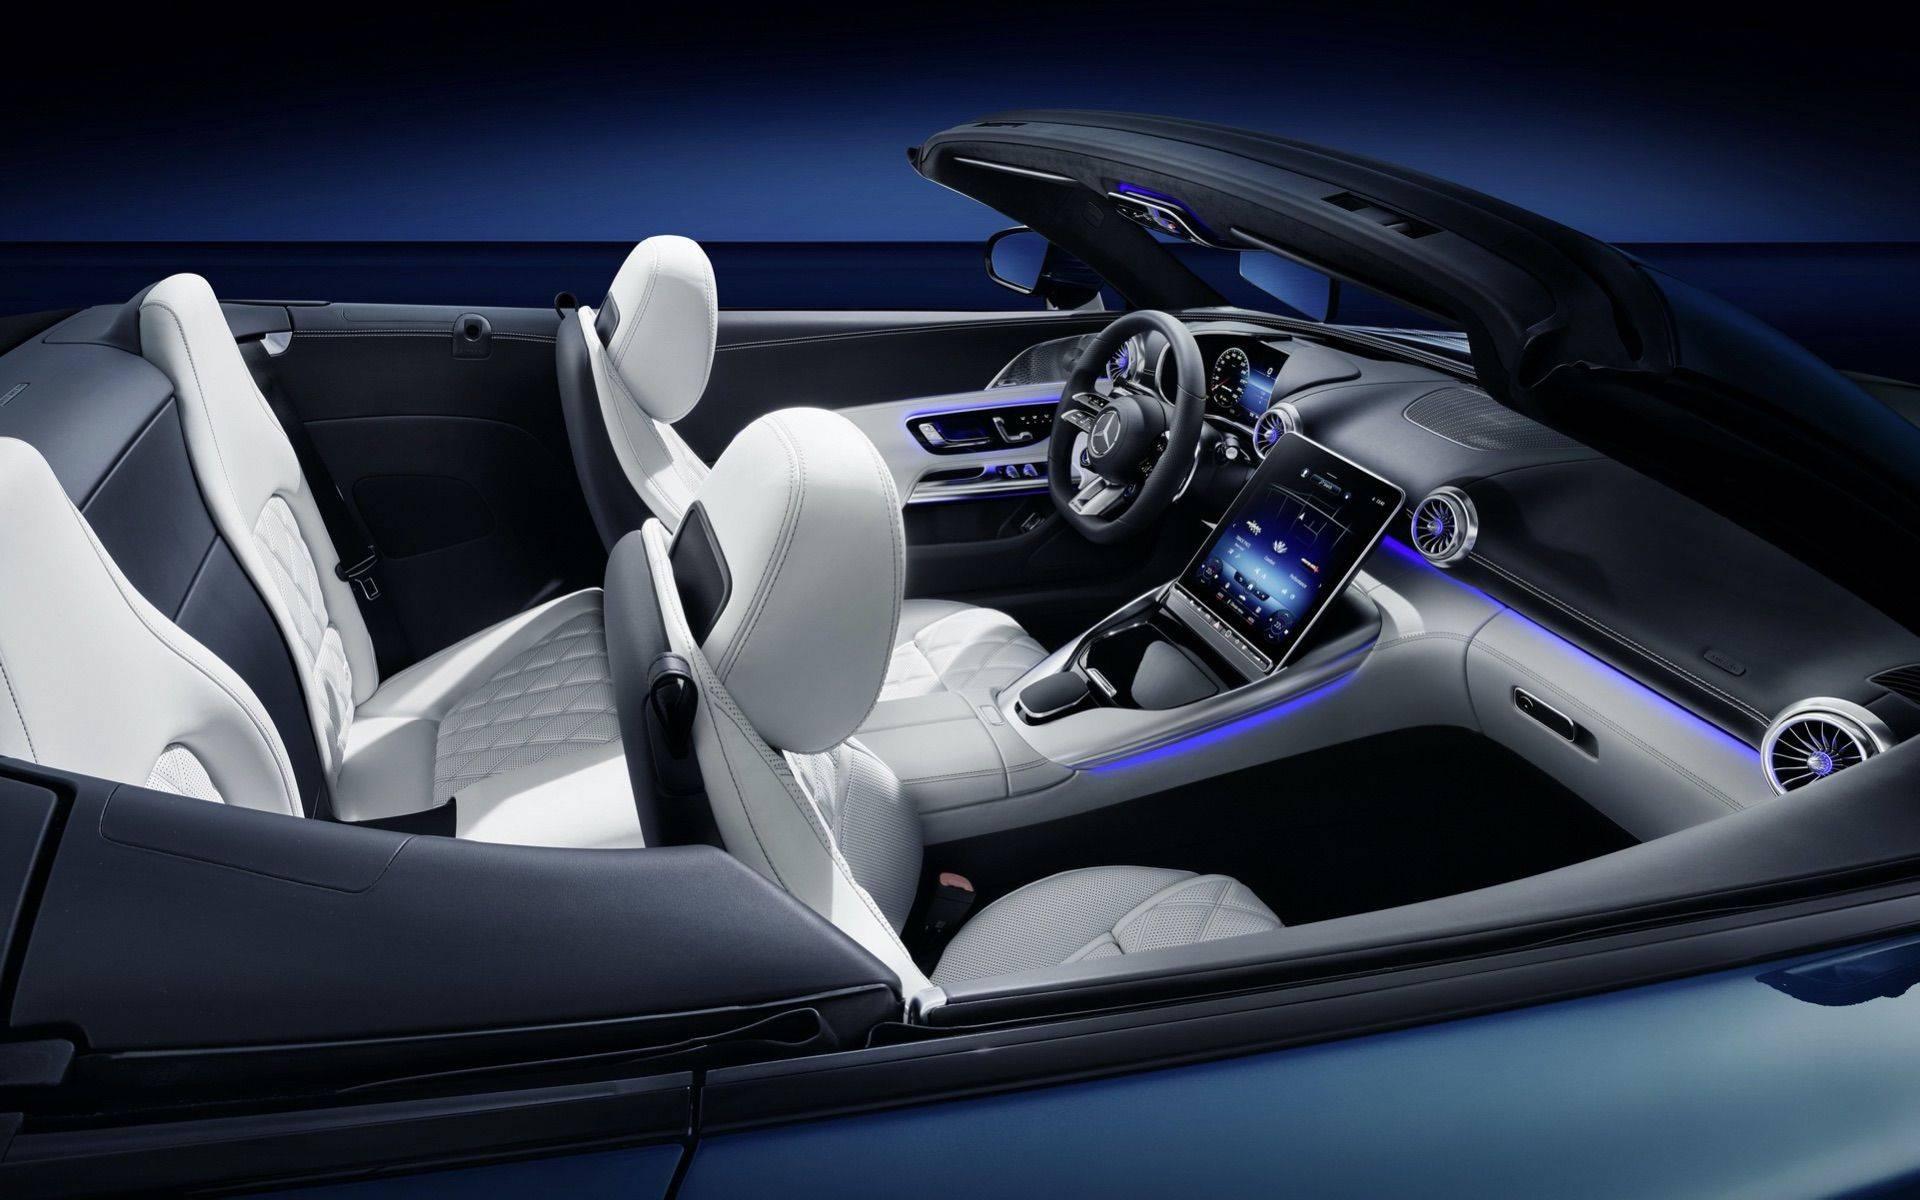 2023-Mercedes-AMG-SL-1_1920x1200